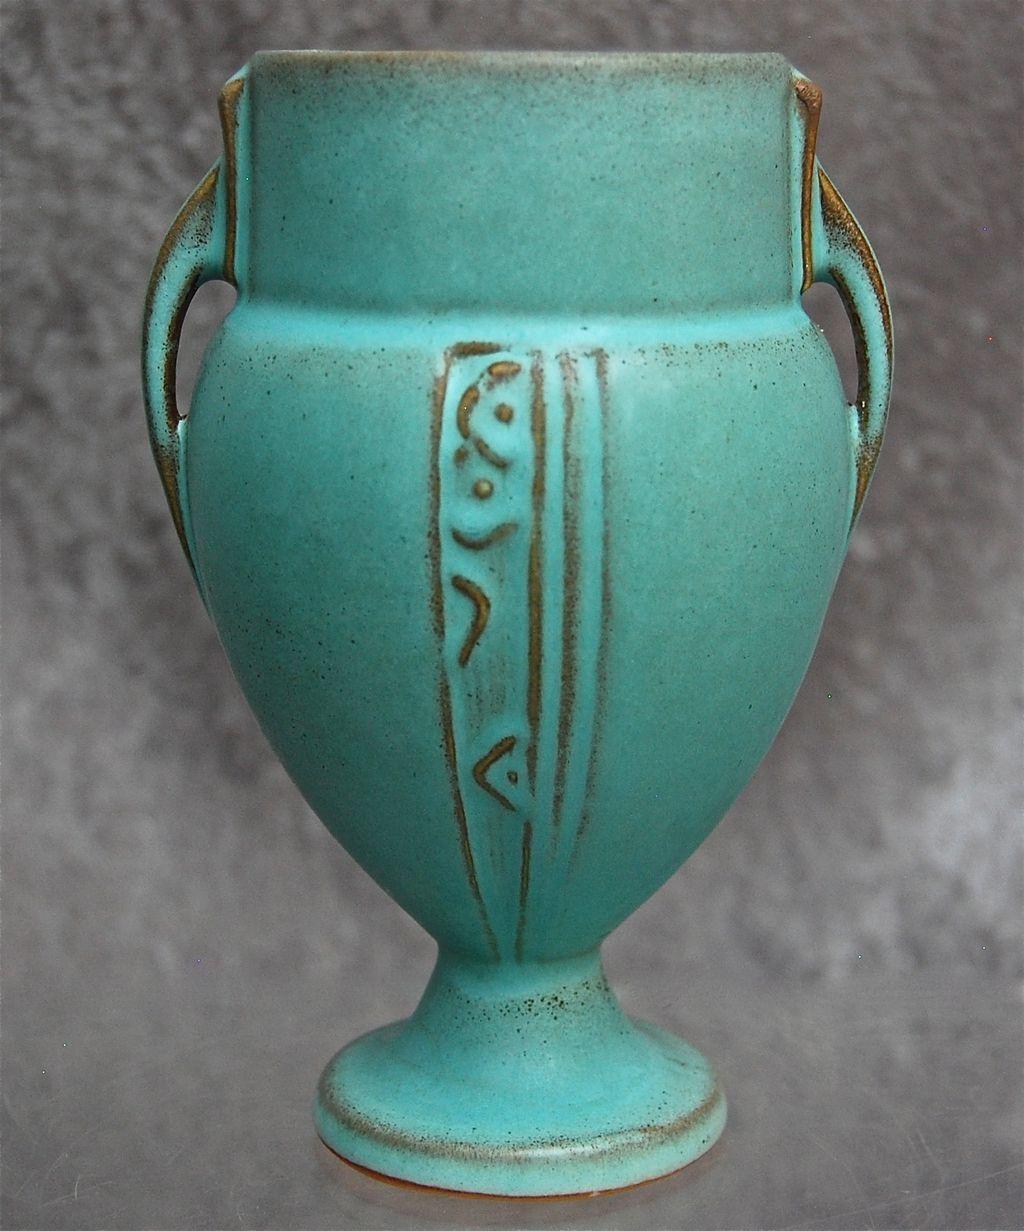 roseville pottery moderne vase 787 6 turquoise circa. Black Bedroom Furniture Sets. Home Design Ideas